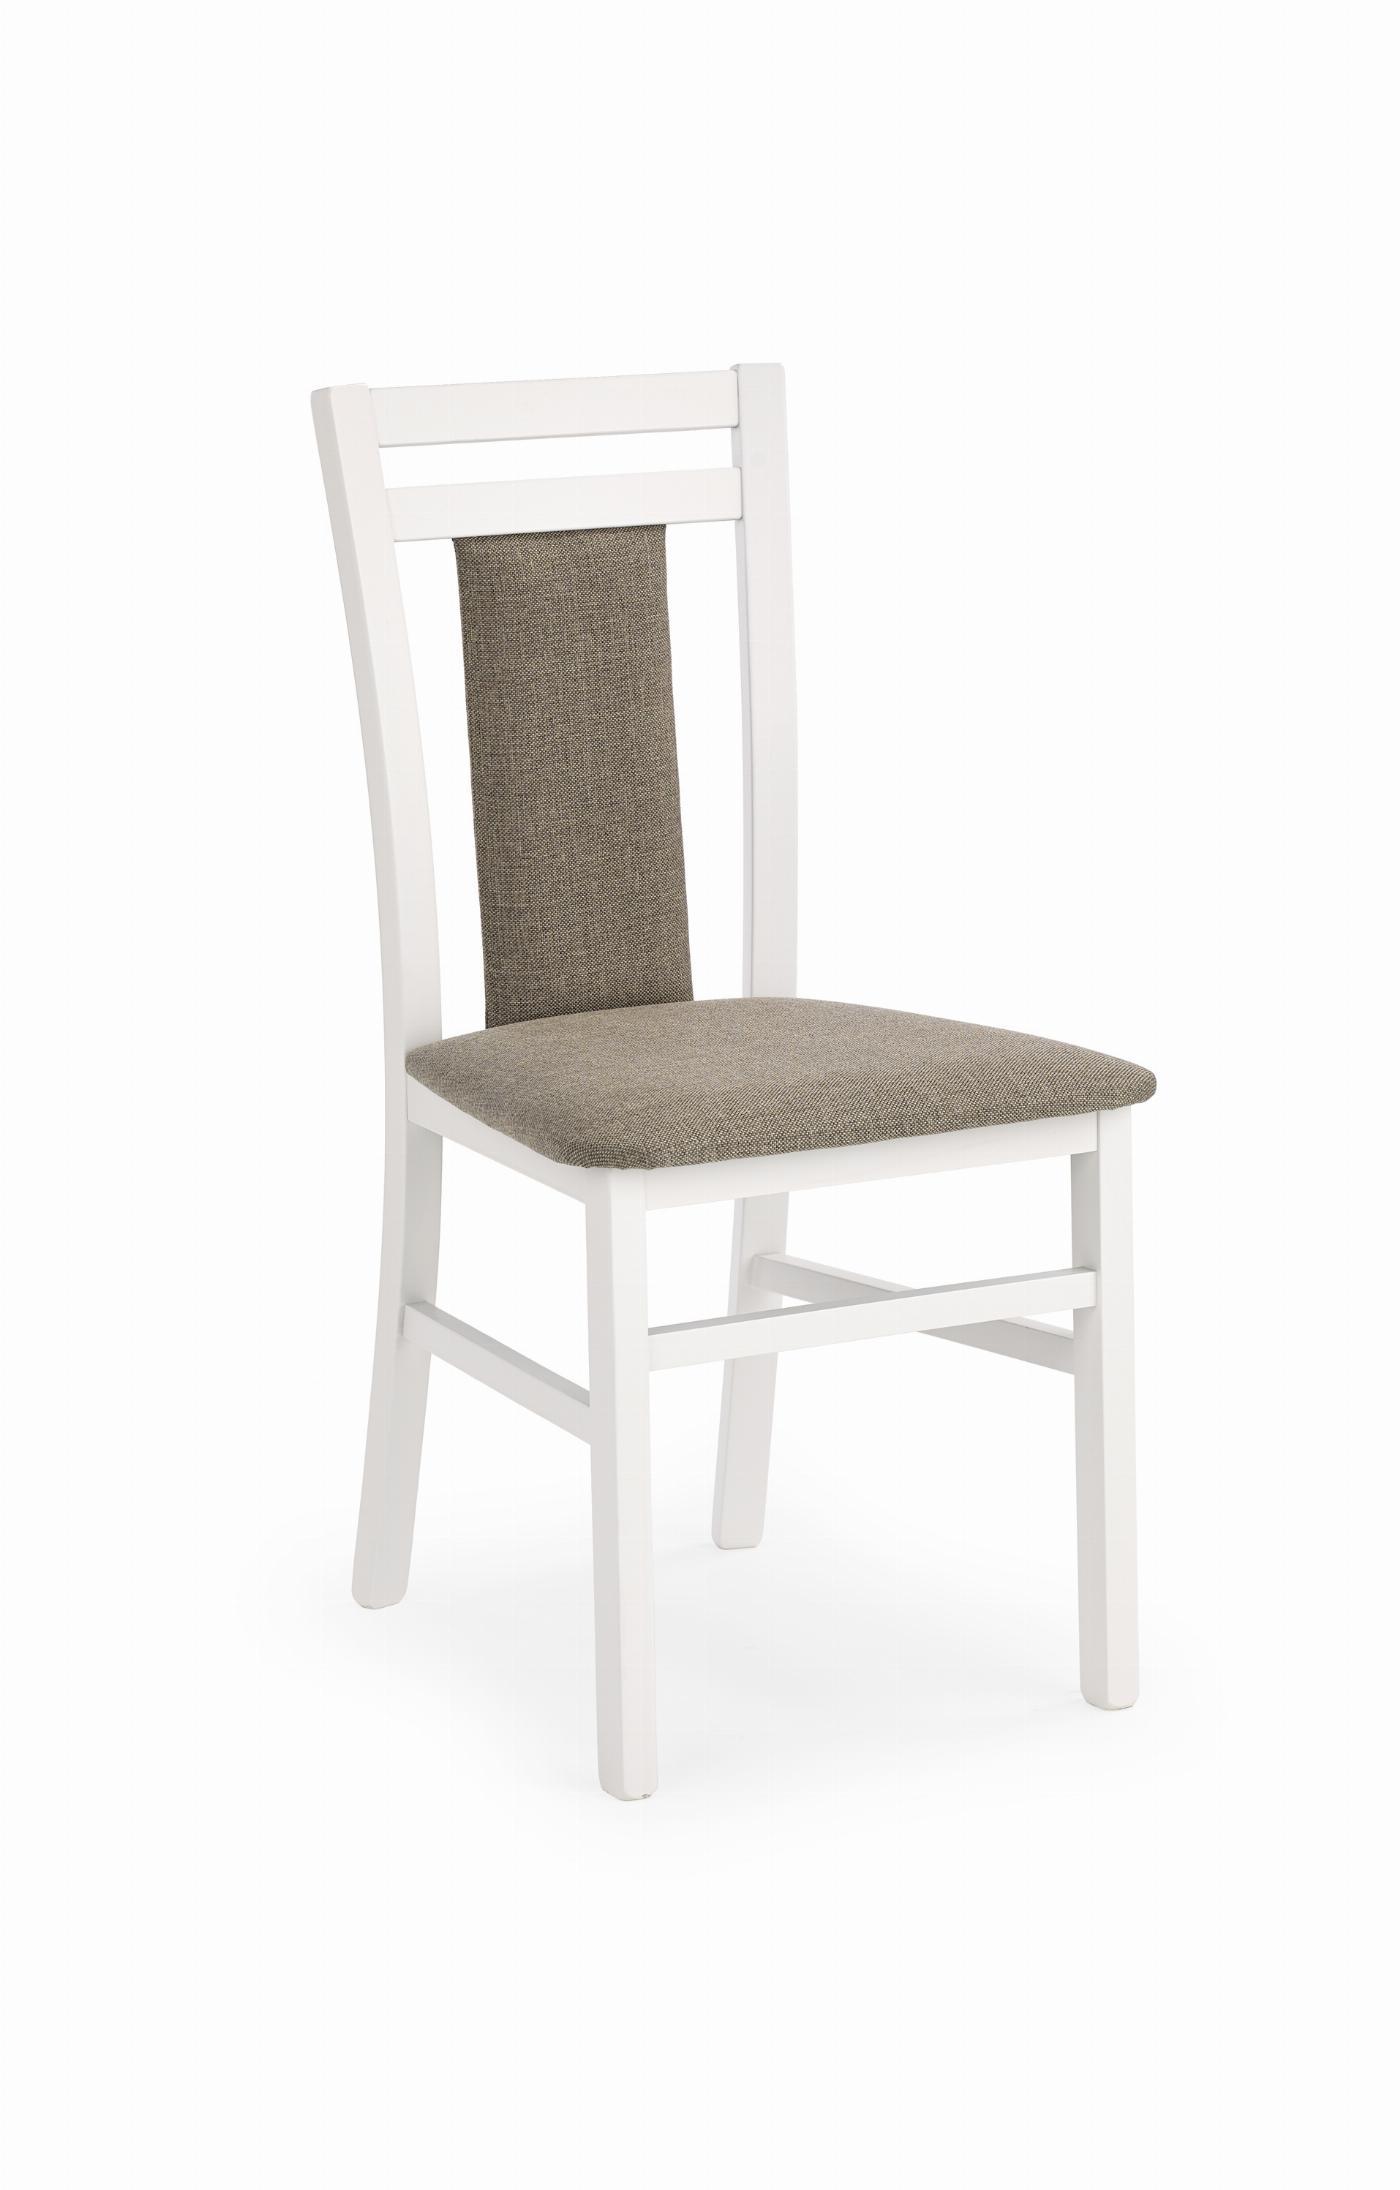 HUBERT8 krzesło biały / tap: Inari 23 (1p=2szt)